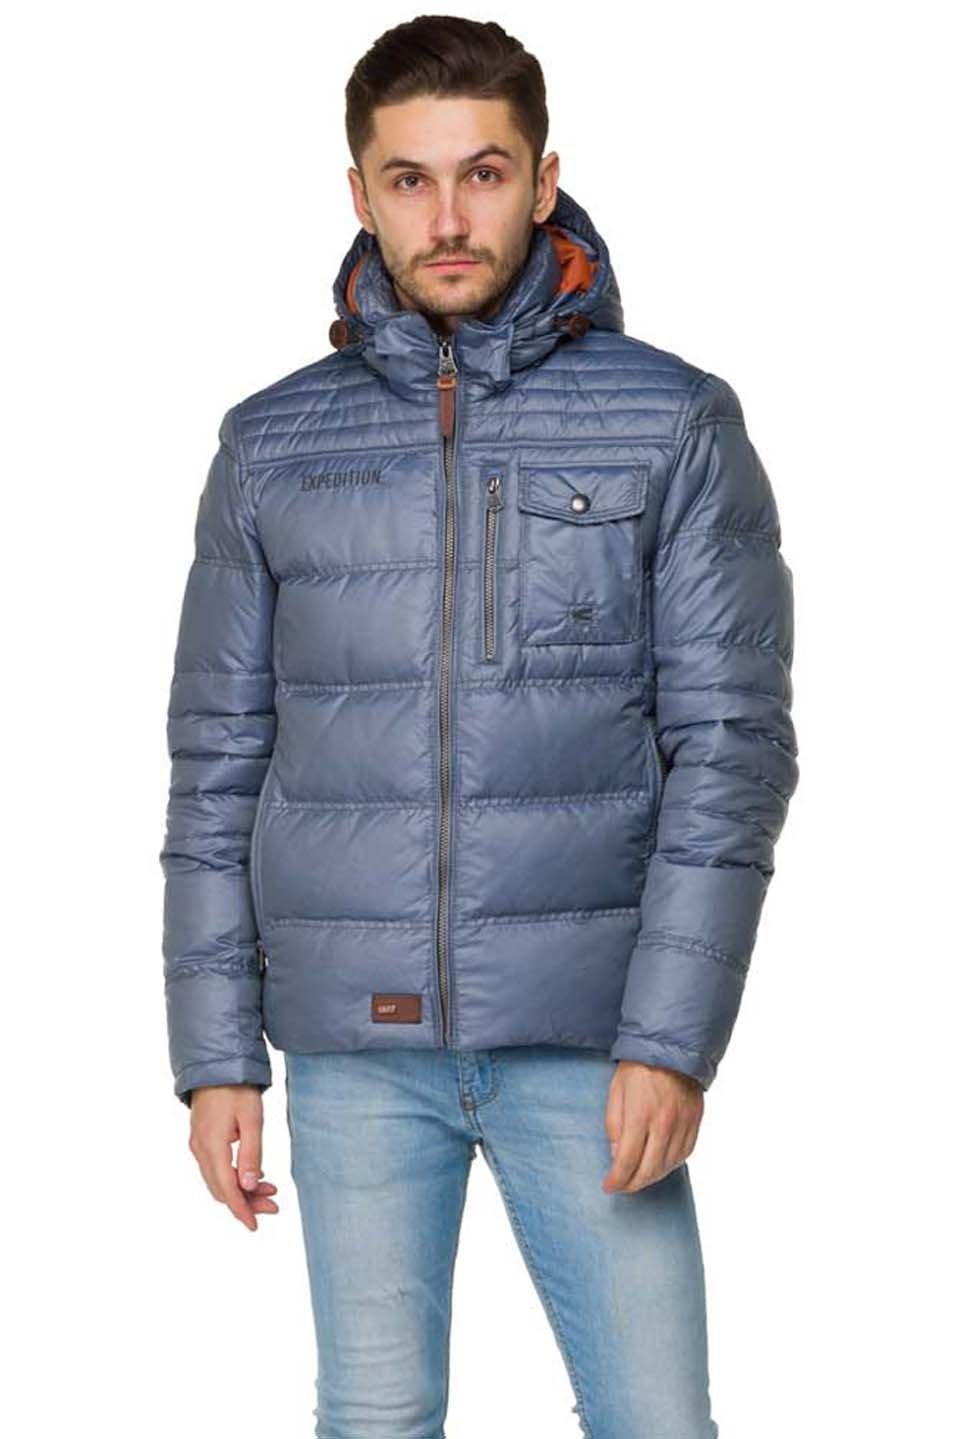 6910740ed22 Пуховик мужской Camel Active - 420330 - Магазин одежды для спорта ...